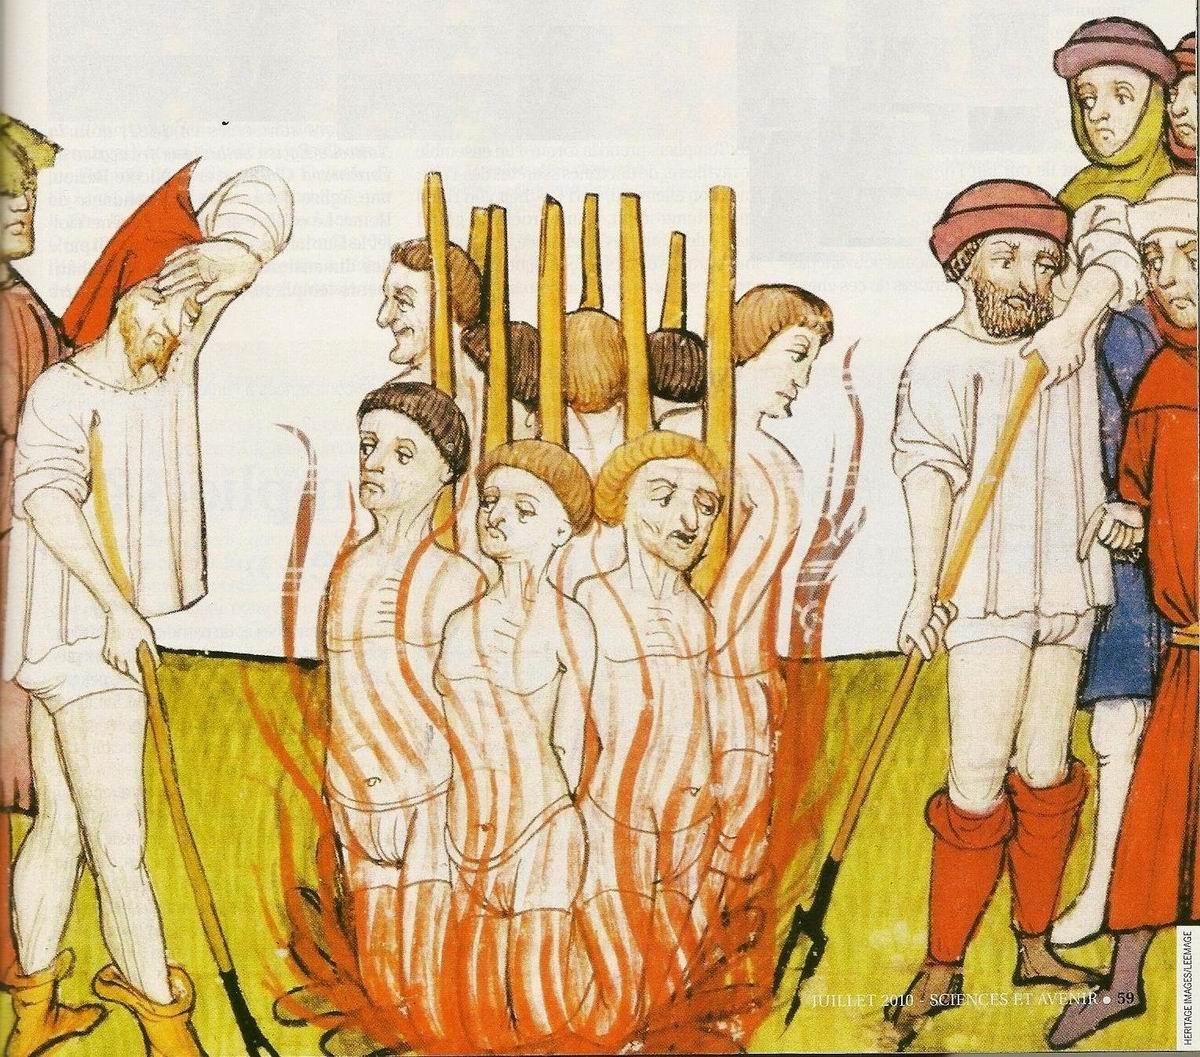 La peine du feu. Miniature des Chroniques de Saint-Denis, XII<sup>e</sup>-XIII<sup>e</sup>siècle, British Library, Londres